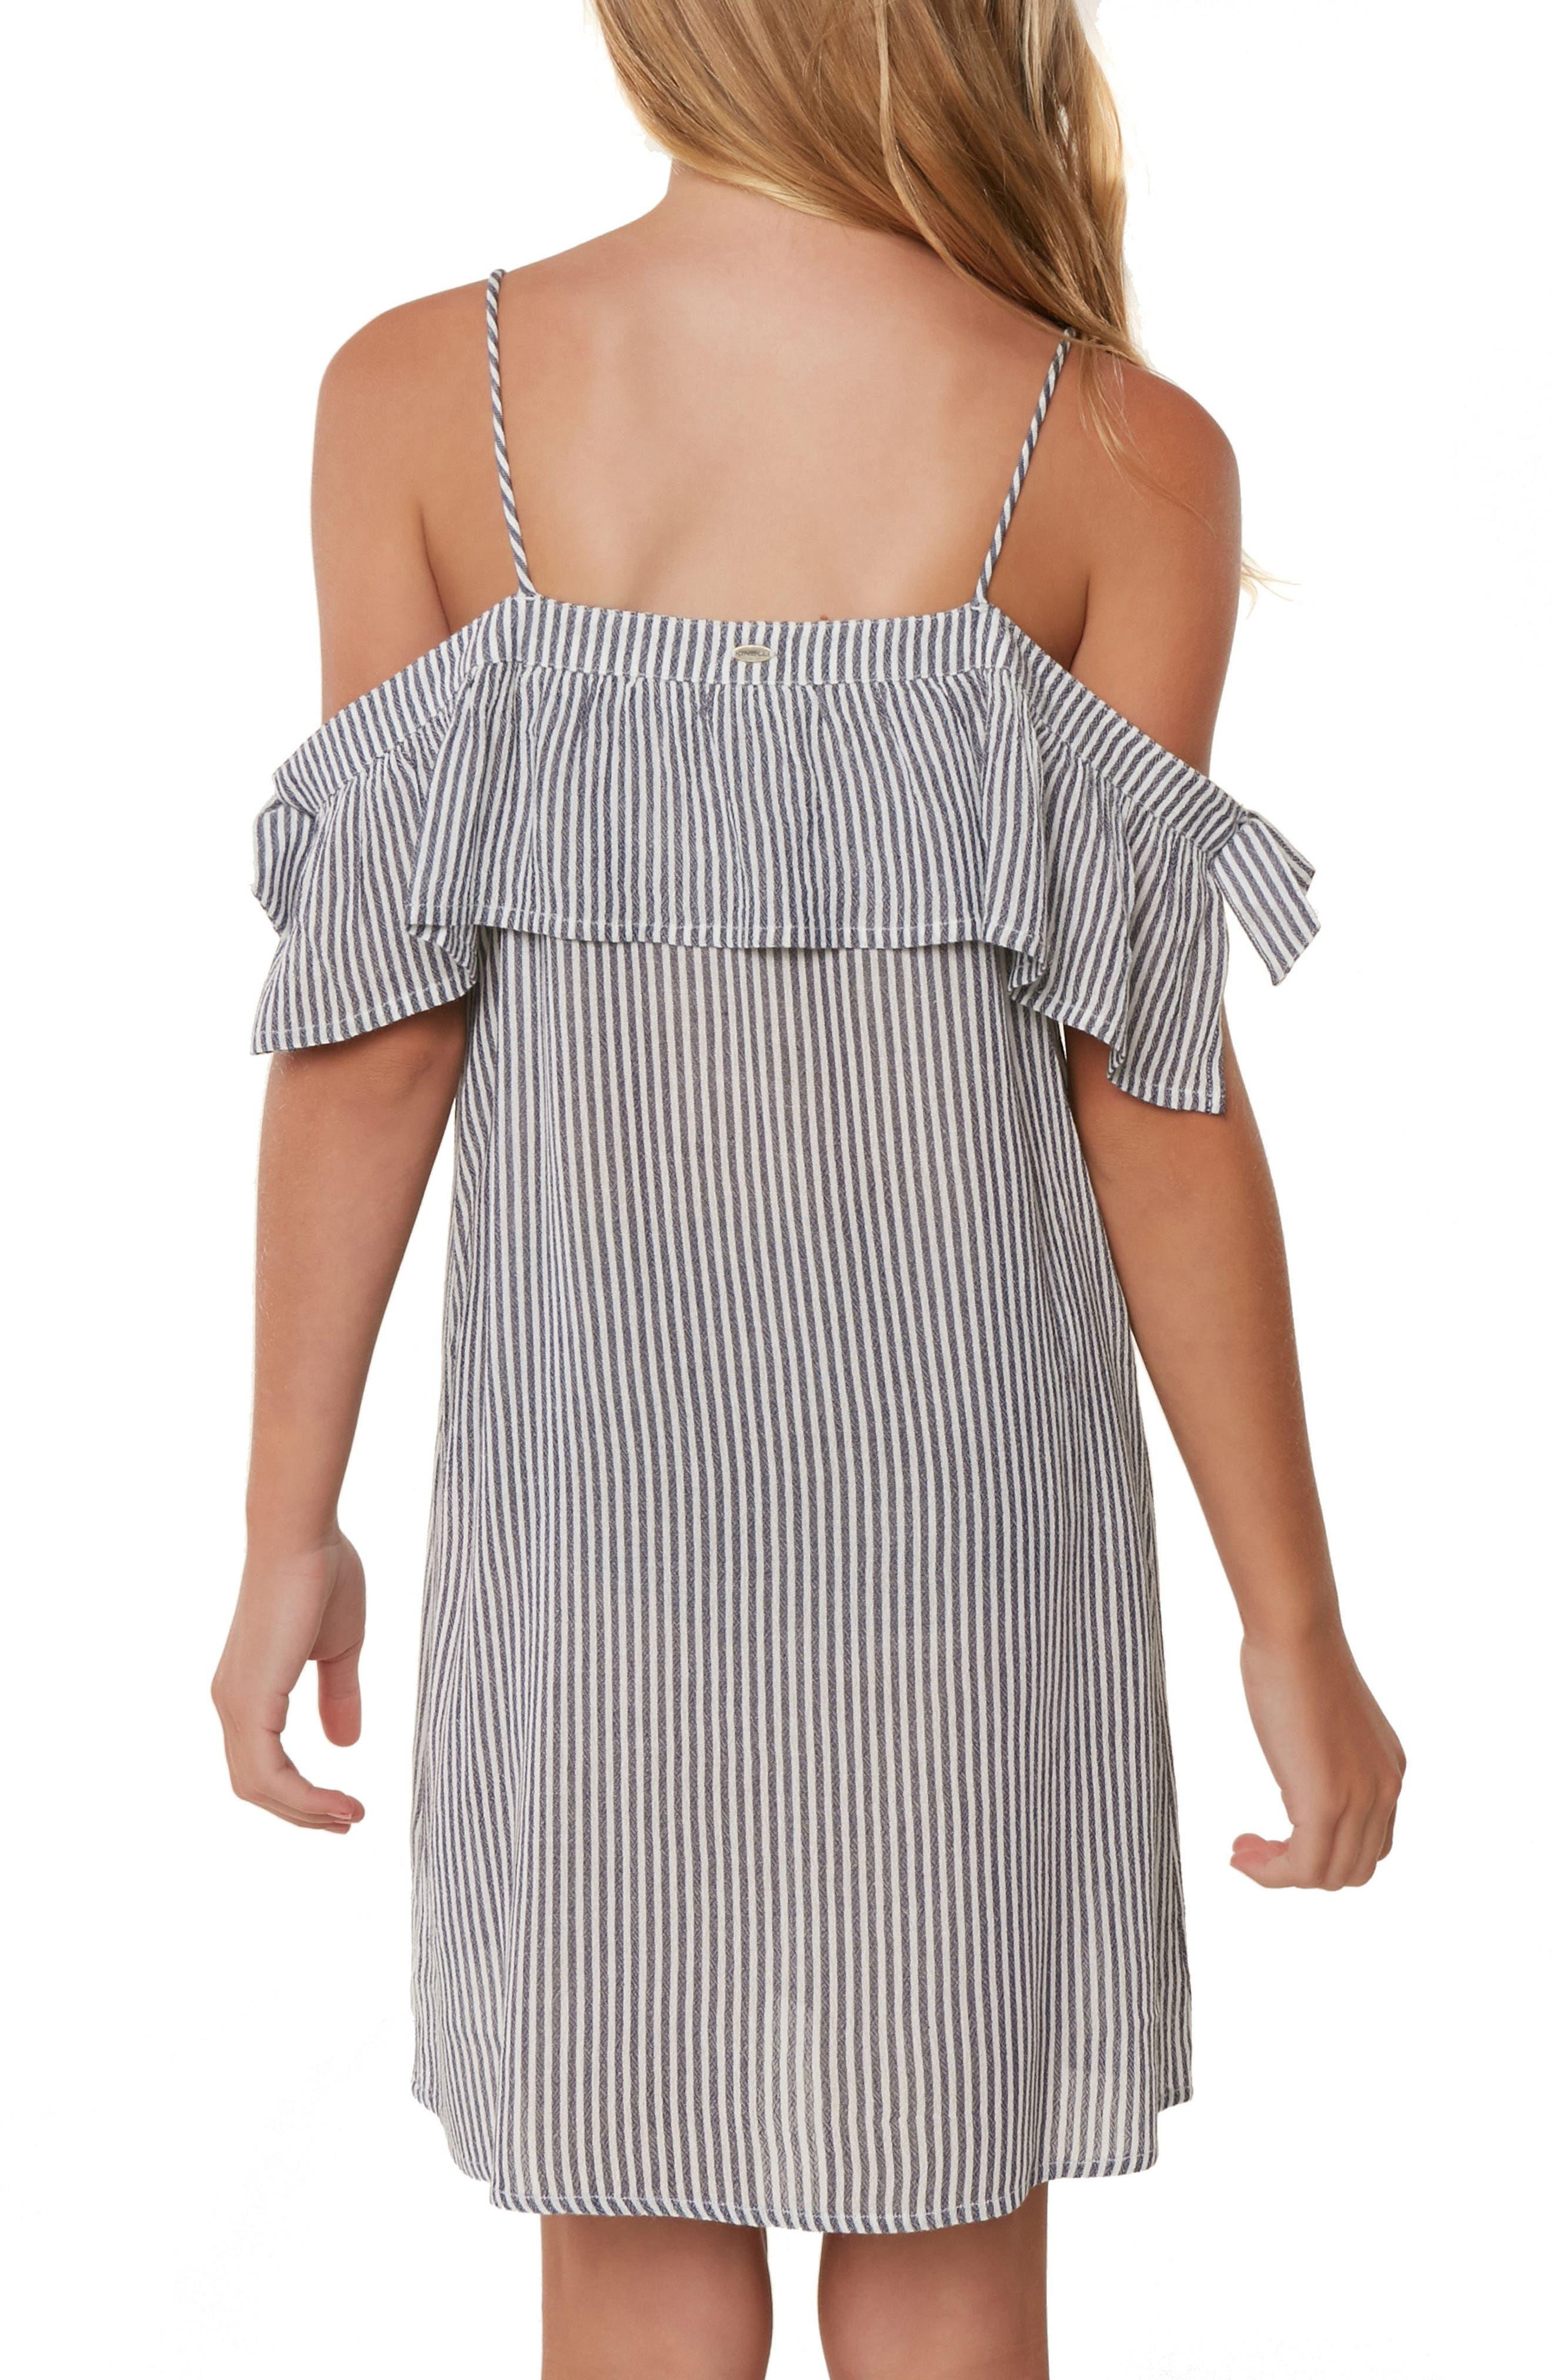 Myla Stripe Cold Shoulder Cover-Up Dress,                             Alternate thumbnail 4, color,                             400